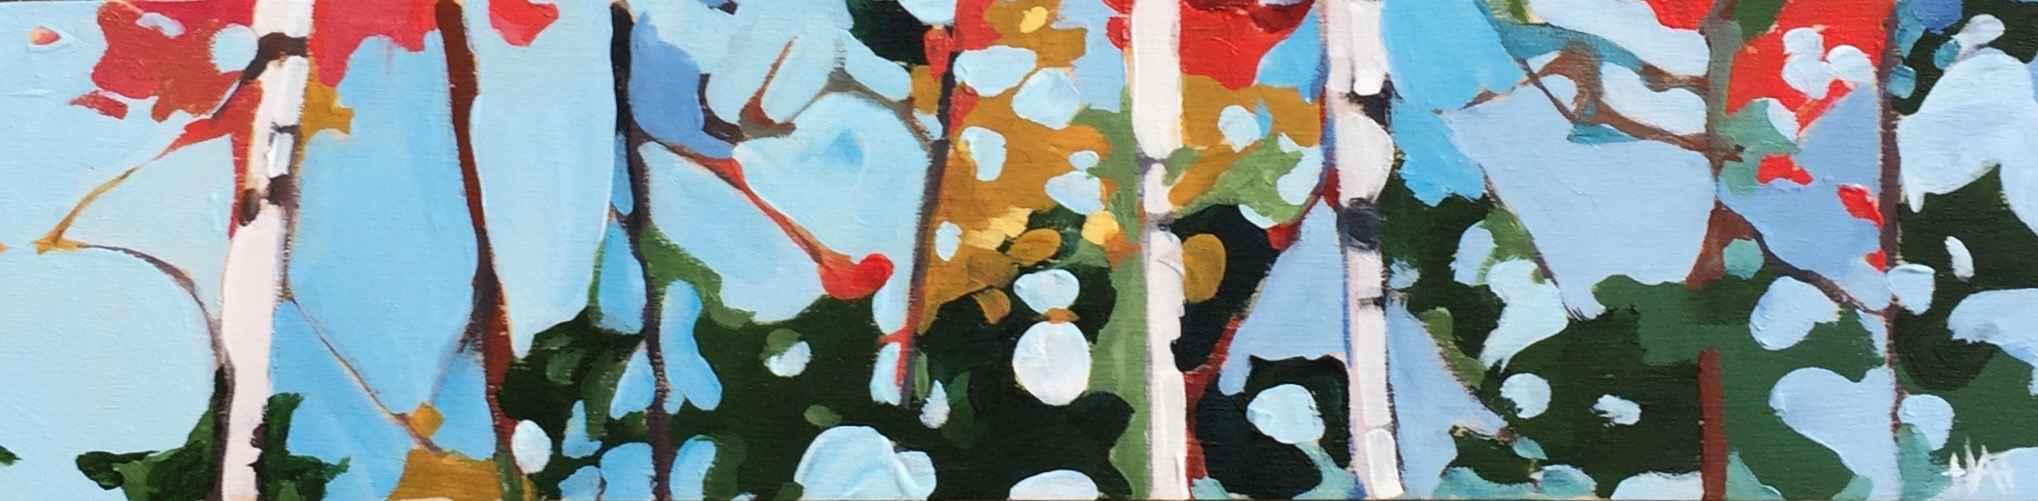 Z Colourful Birch 1 by  Holly Ann Friesen - Masterpiece Online